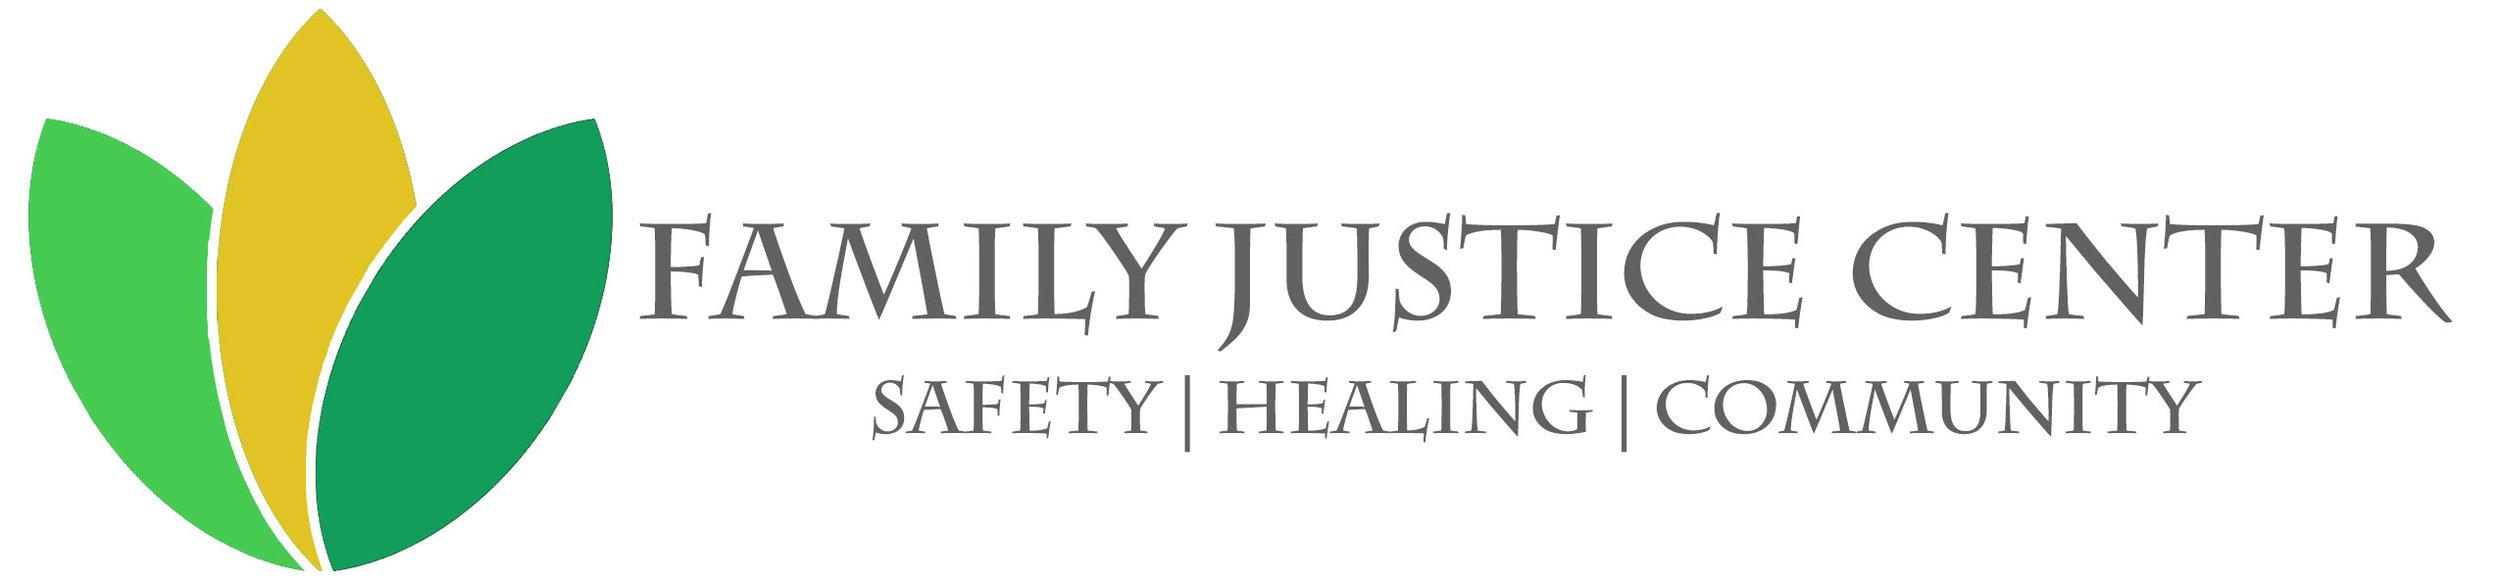 FJC-2019-logo.jpg